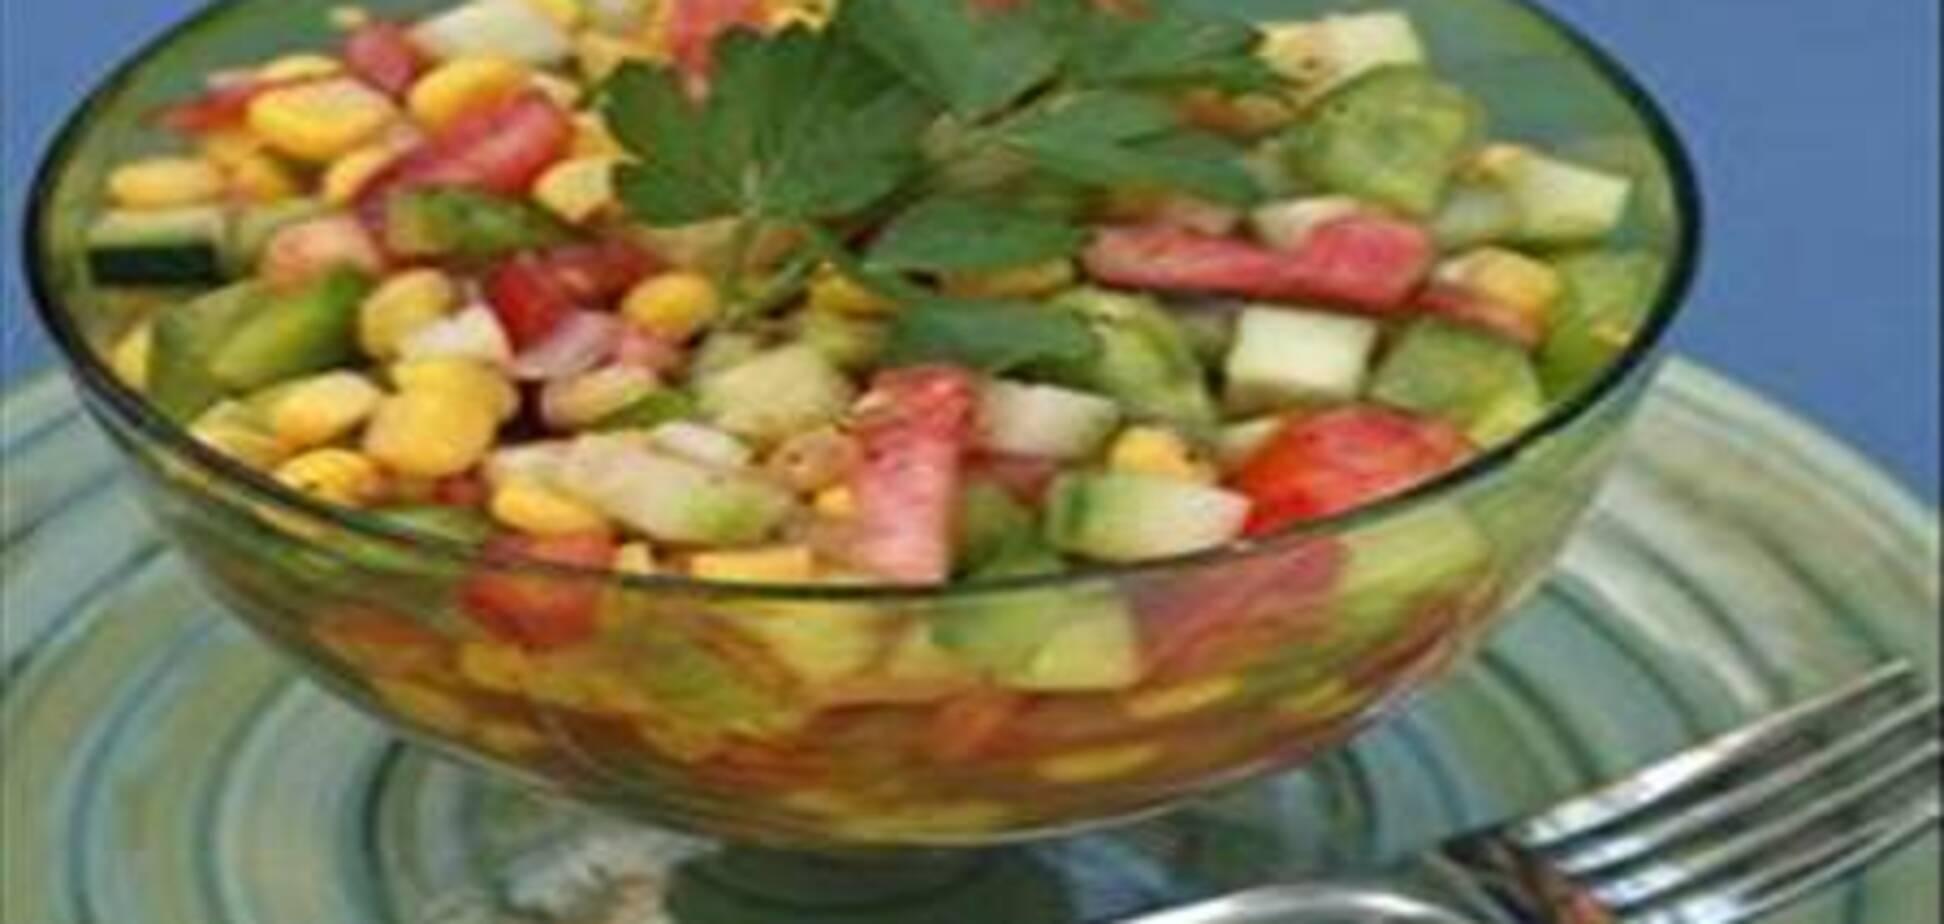 Мексиканский салат из огурцов, помидоров и кукурузы